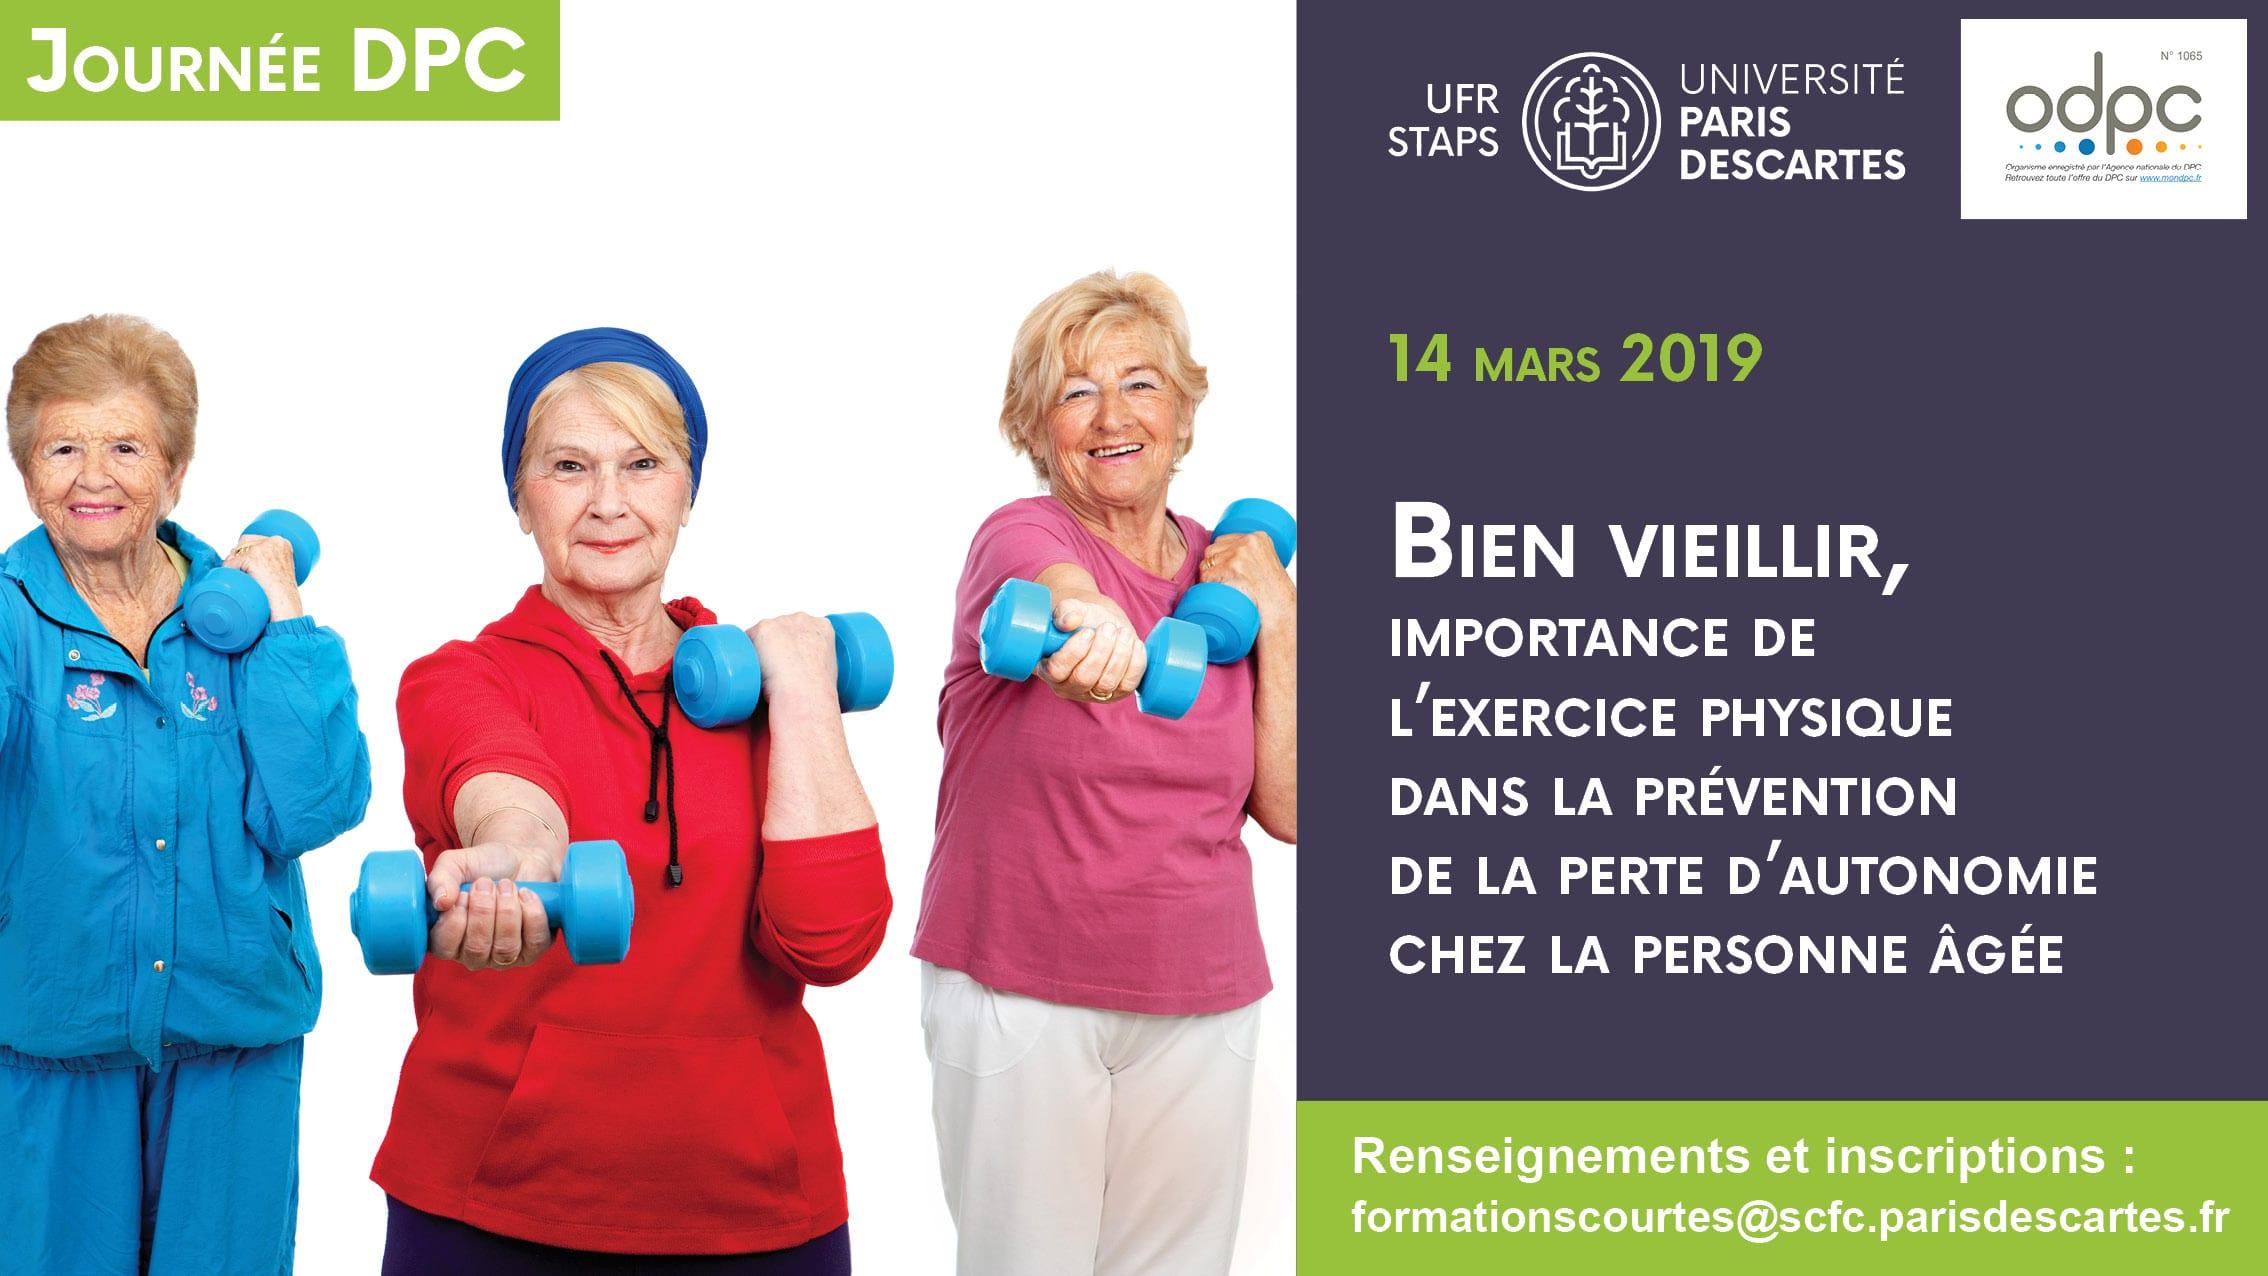 Séminaire bien-vieillir : importance de l'exercice physique dans la prévention de la perte d'autonomie chez la personne âgée @ UFR Staps